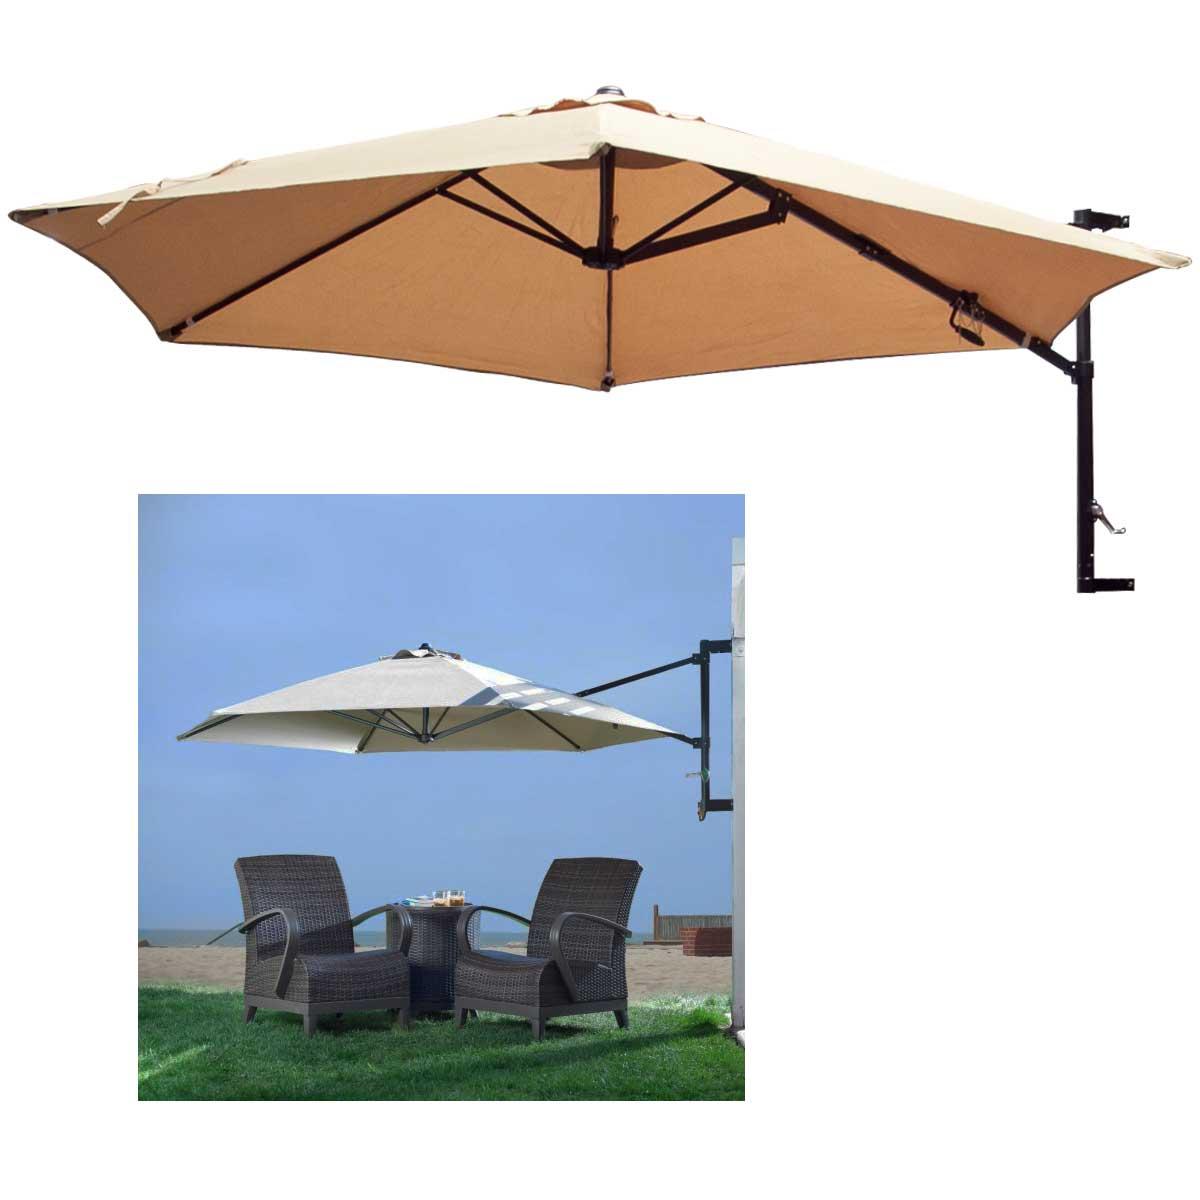 10 Patio Umbrella Wall Mount Offset Garden Outdoor Sun